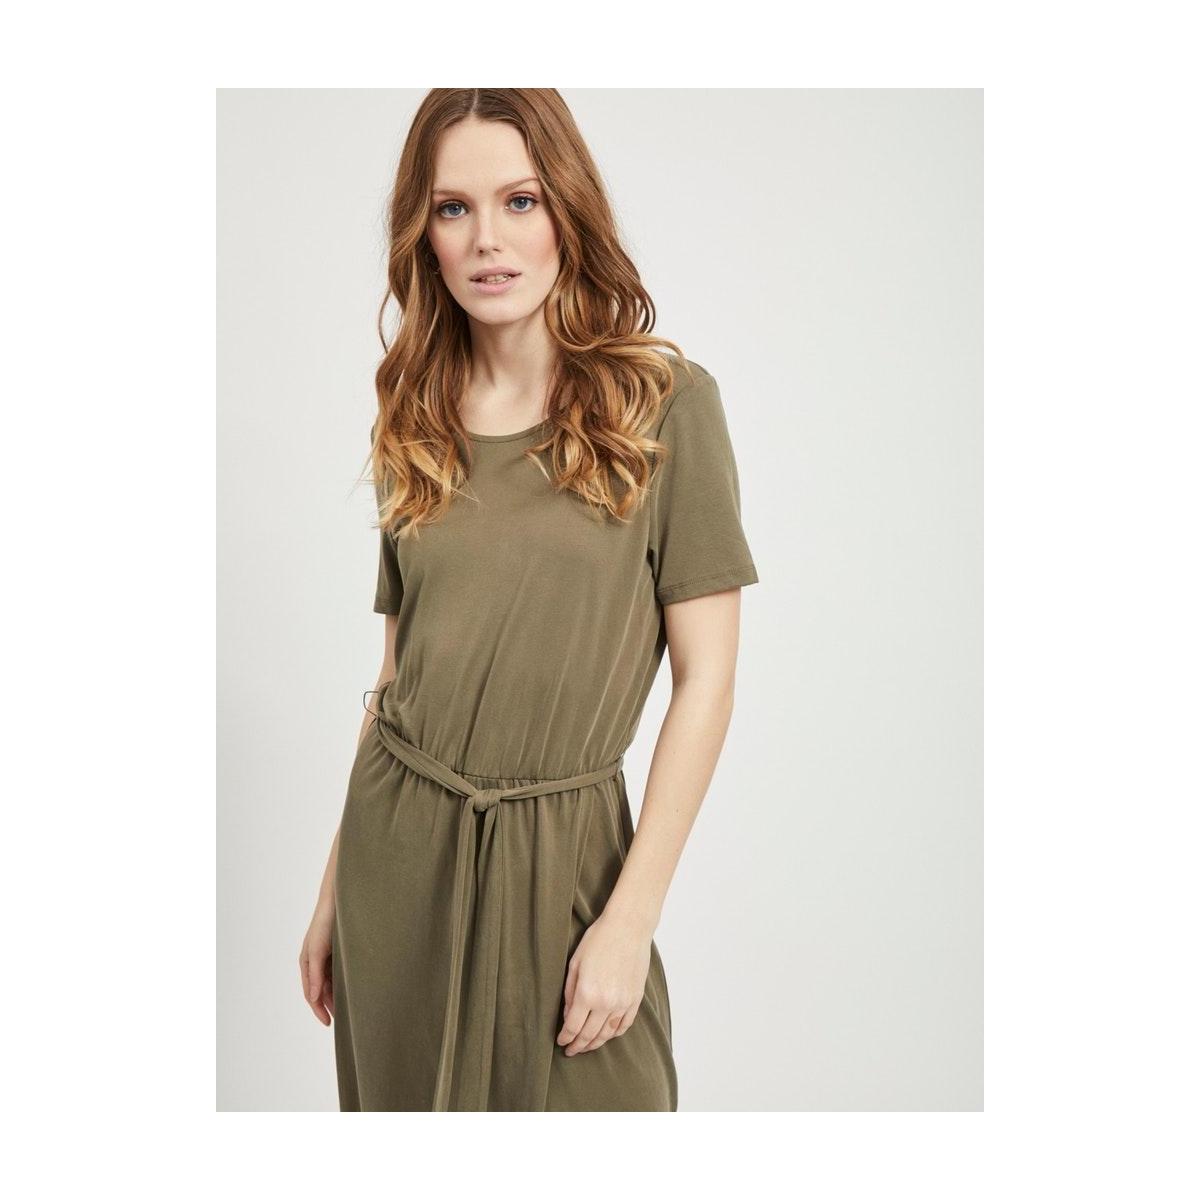 objannie nadia s/s dress noos 23031011 object jurk burnt olive